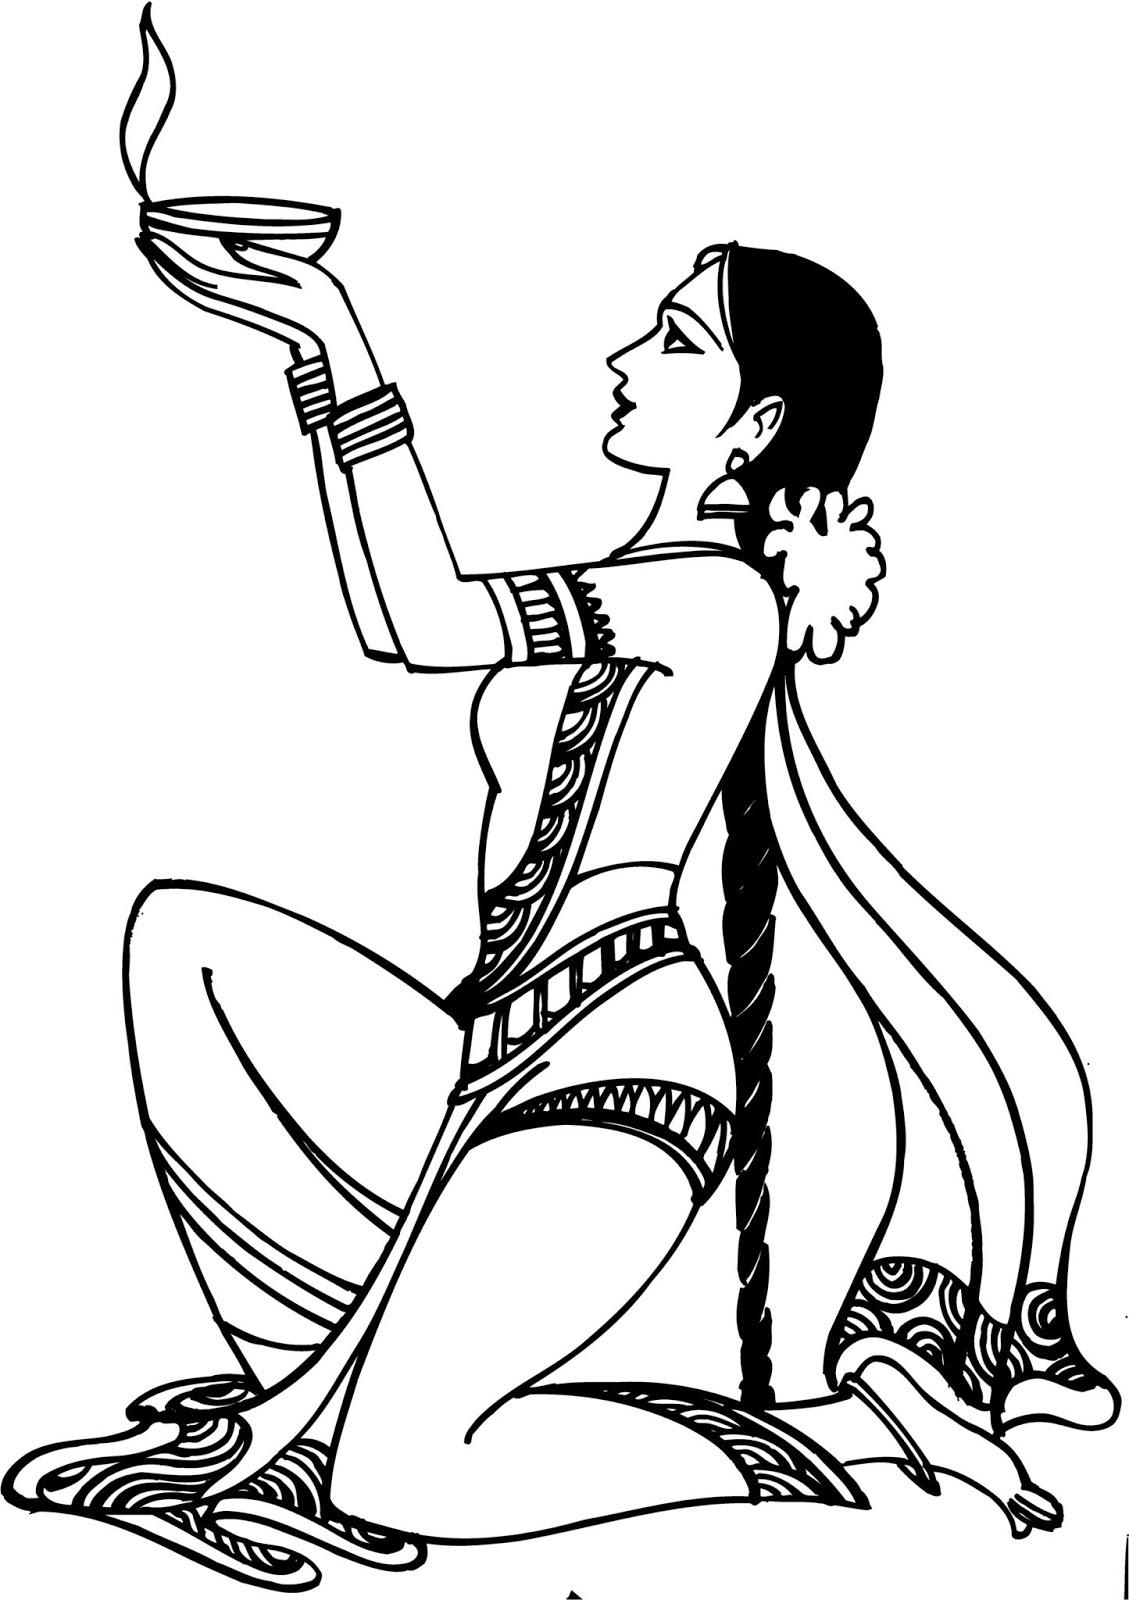 ADPLUS: Hindu Swagat abhinandan Clip Art.